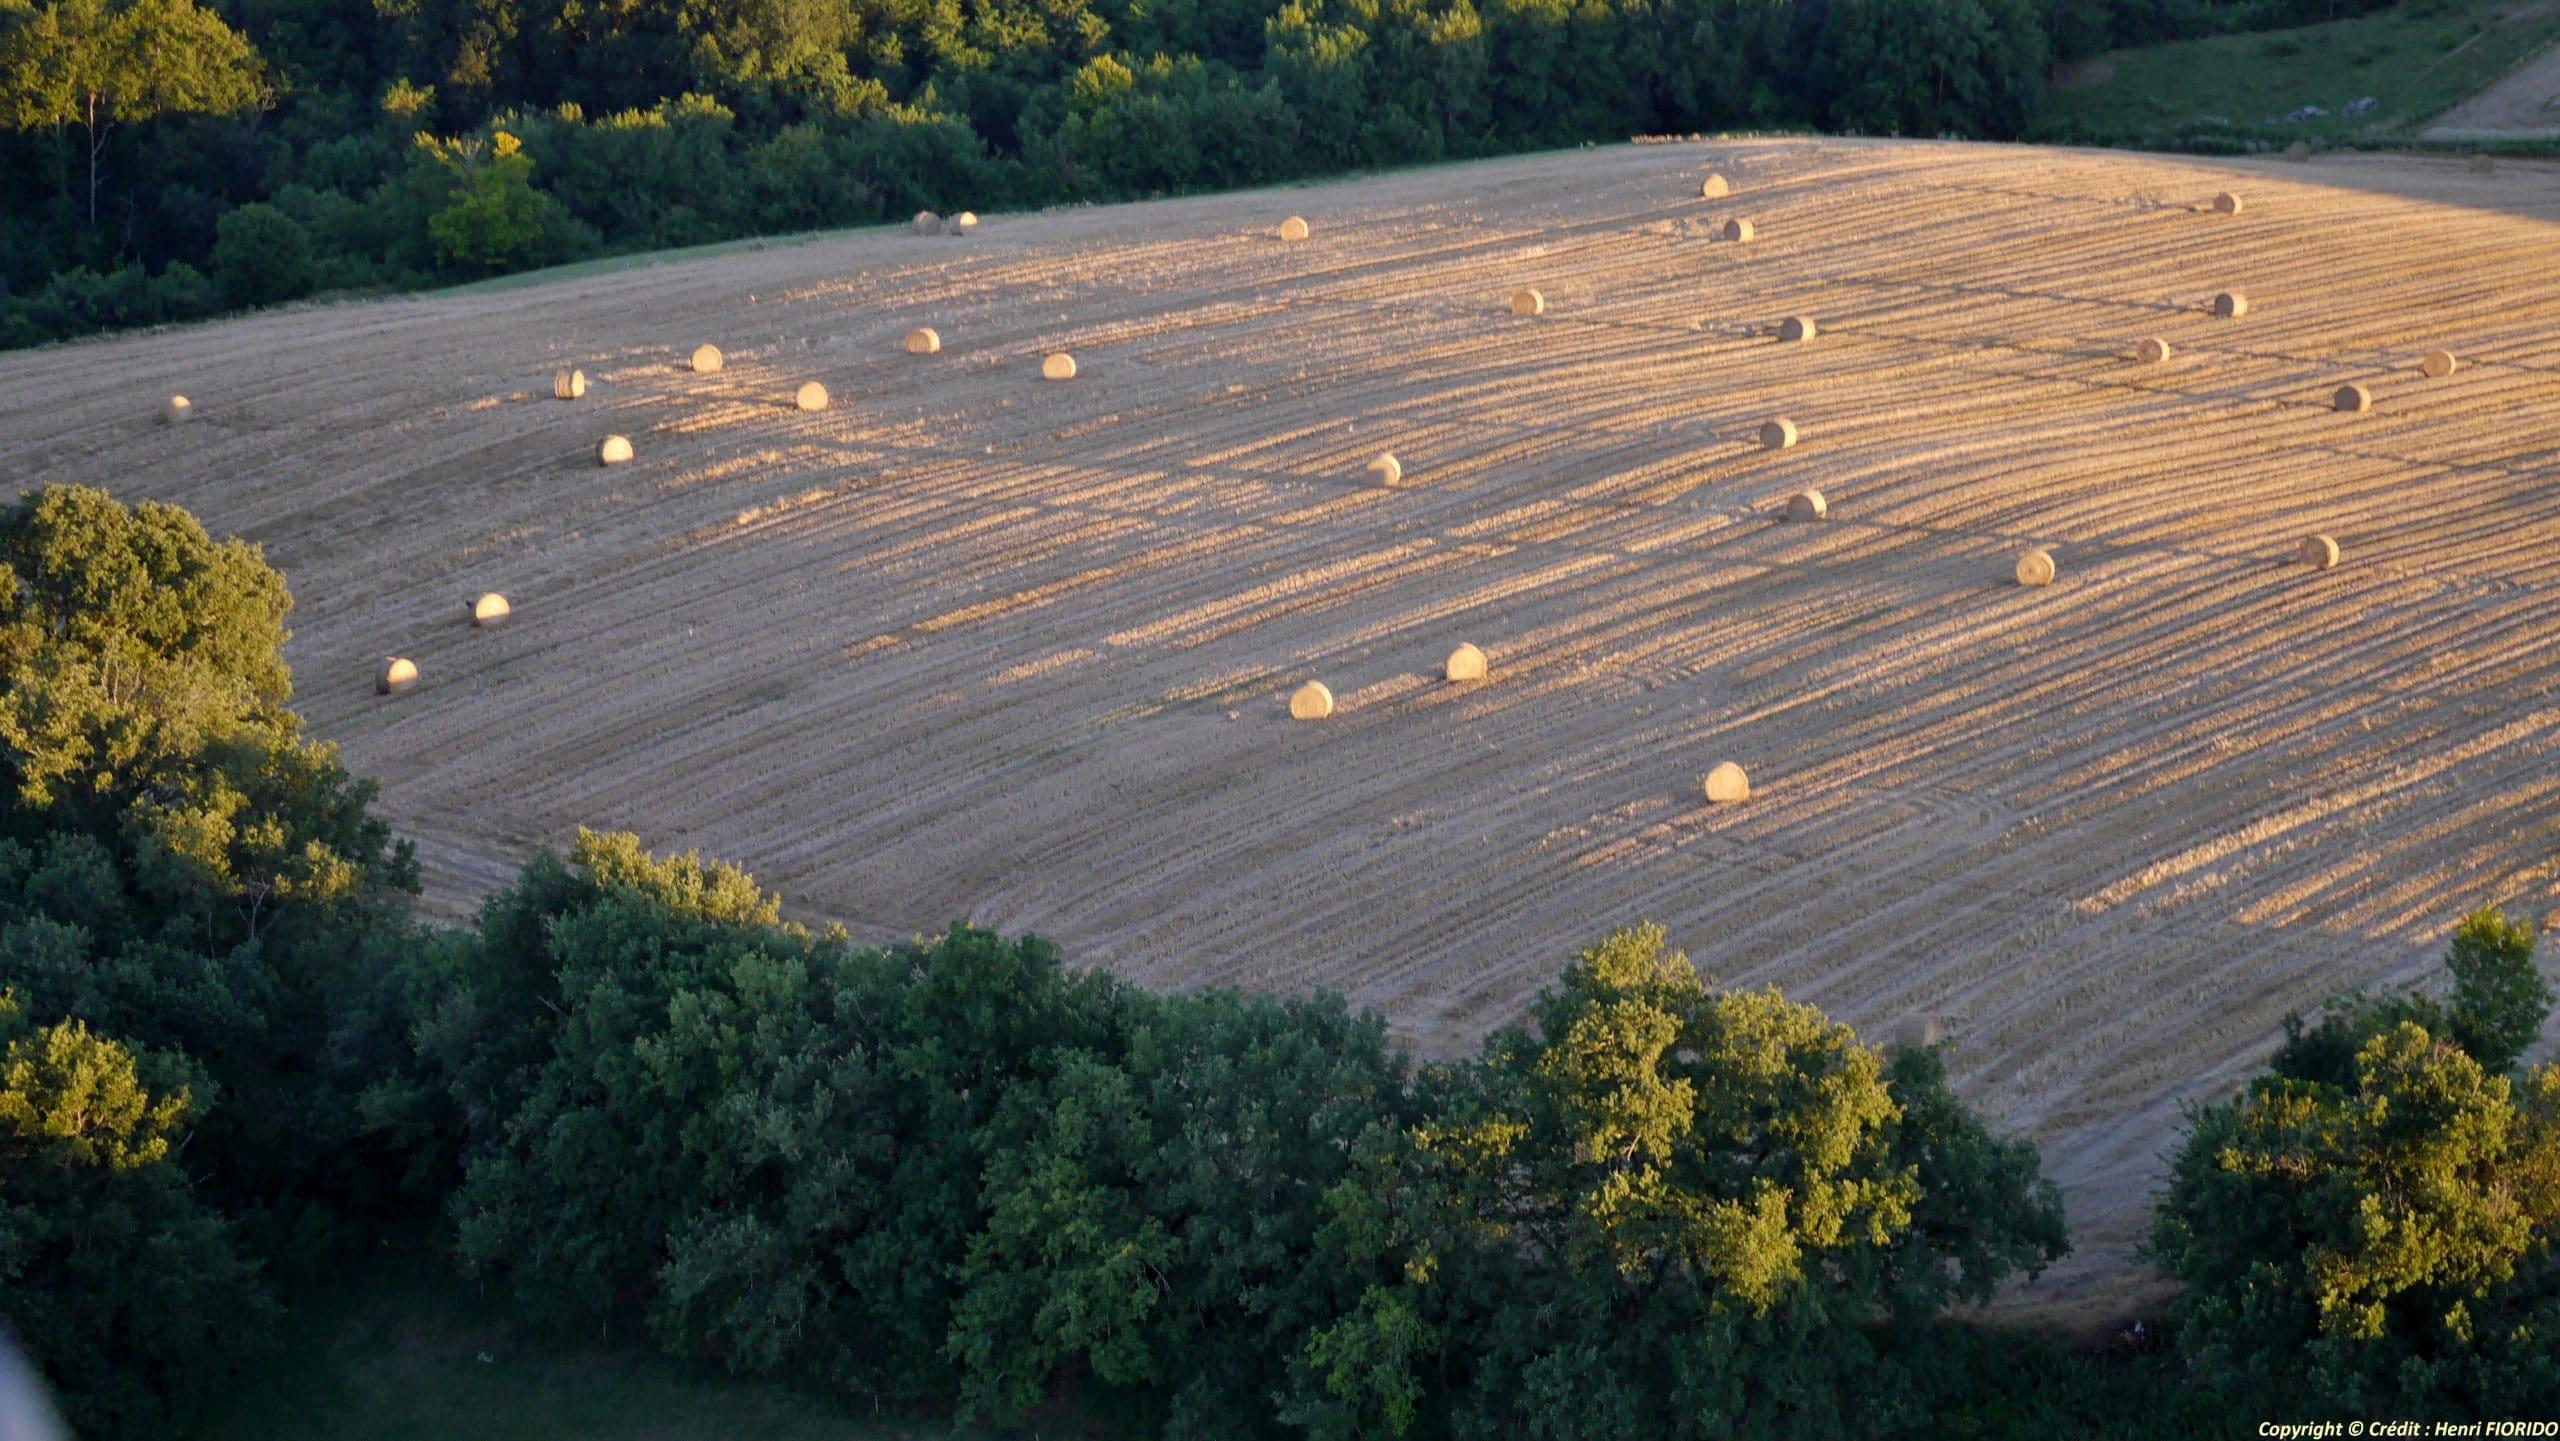 Vue aérienne d'un champ couvert d eballes de paille au soleil couchant